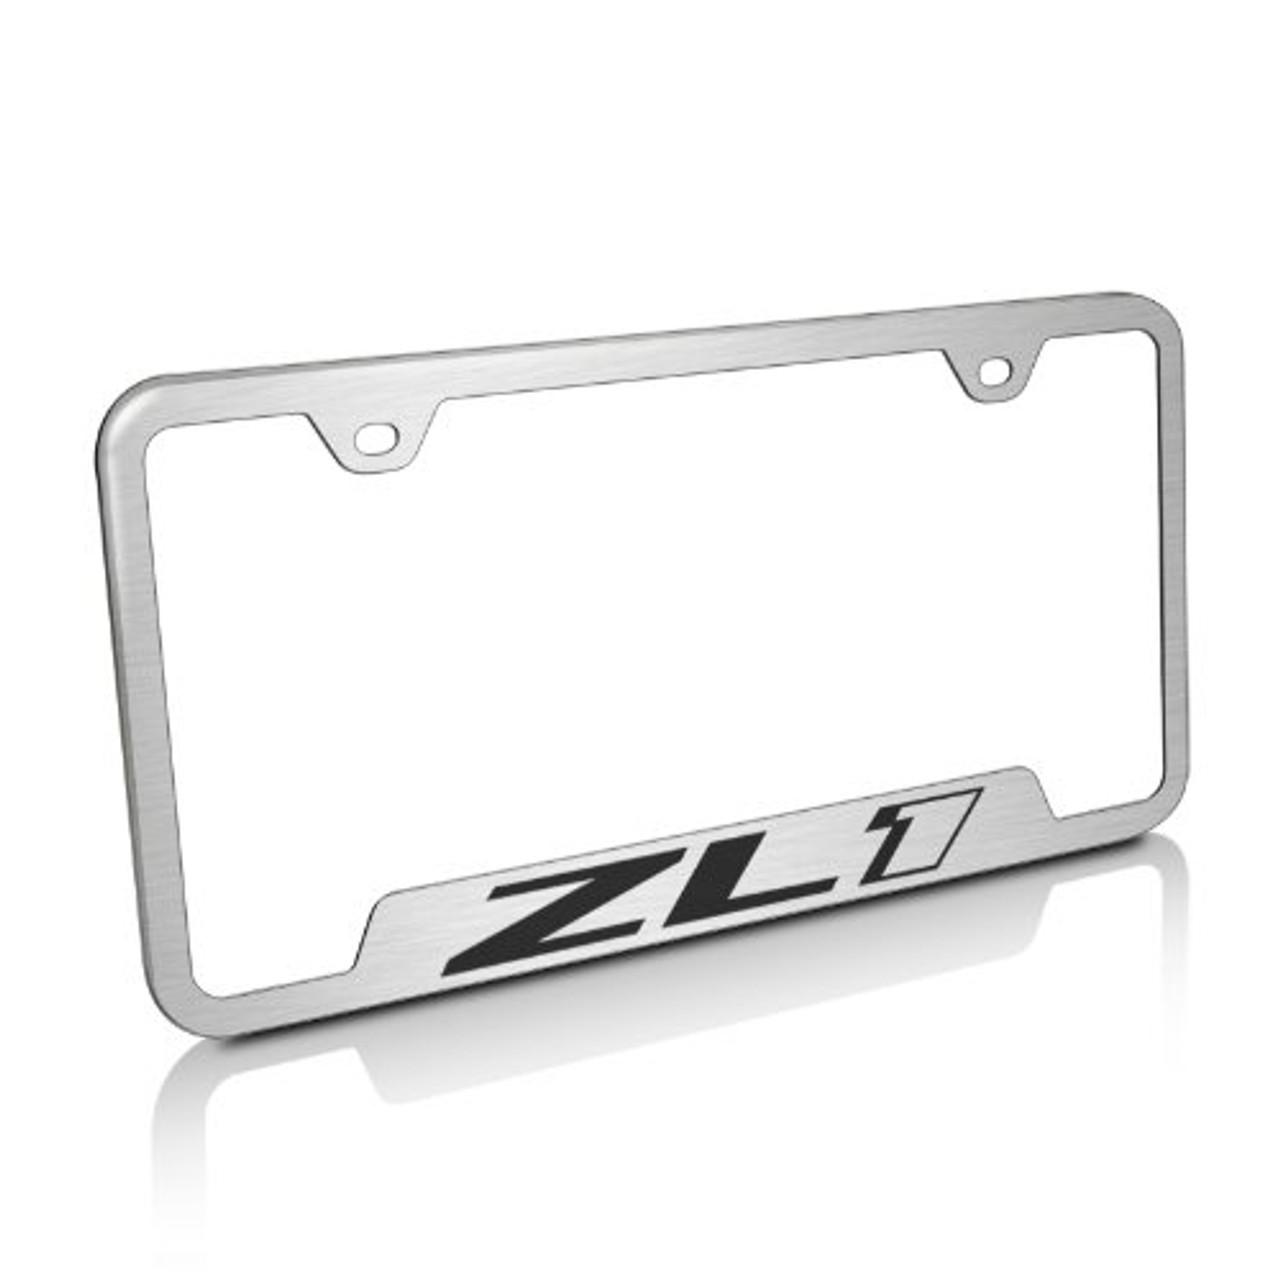 Chevrolet Brushed Steel License Plate Frame